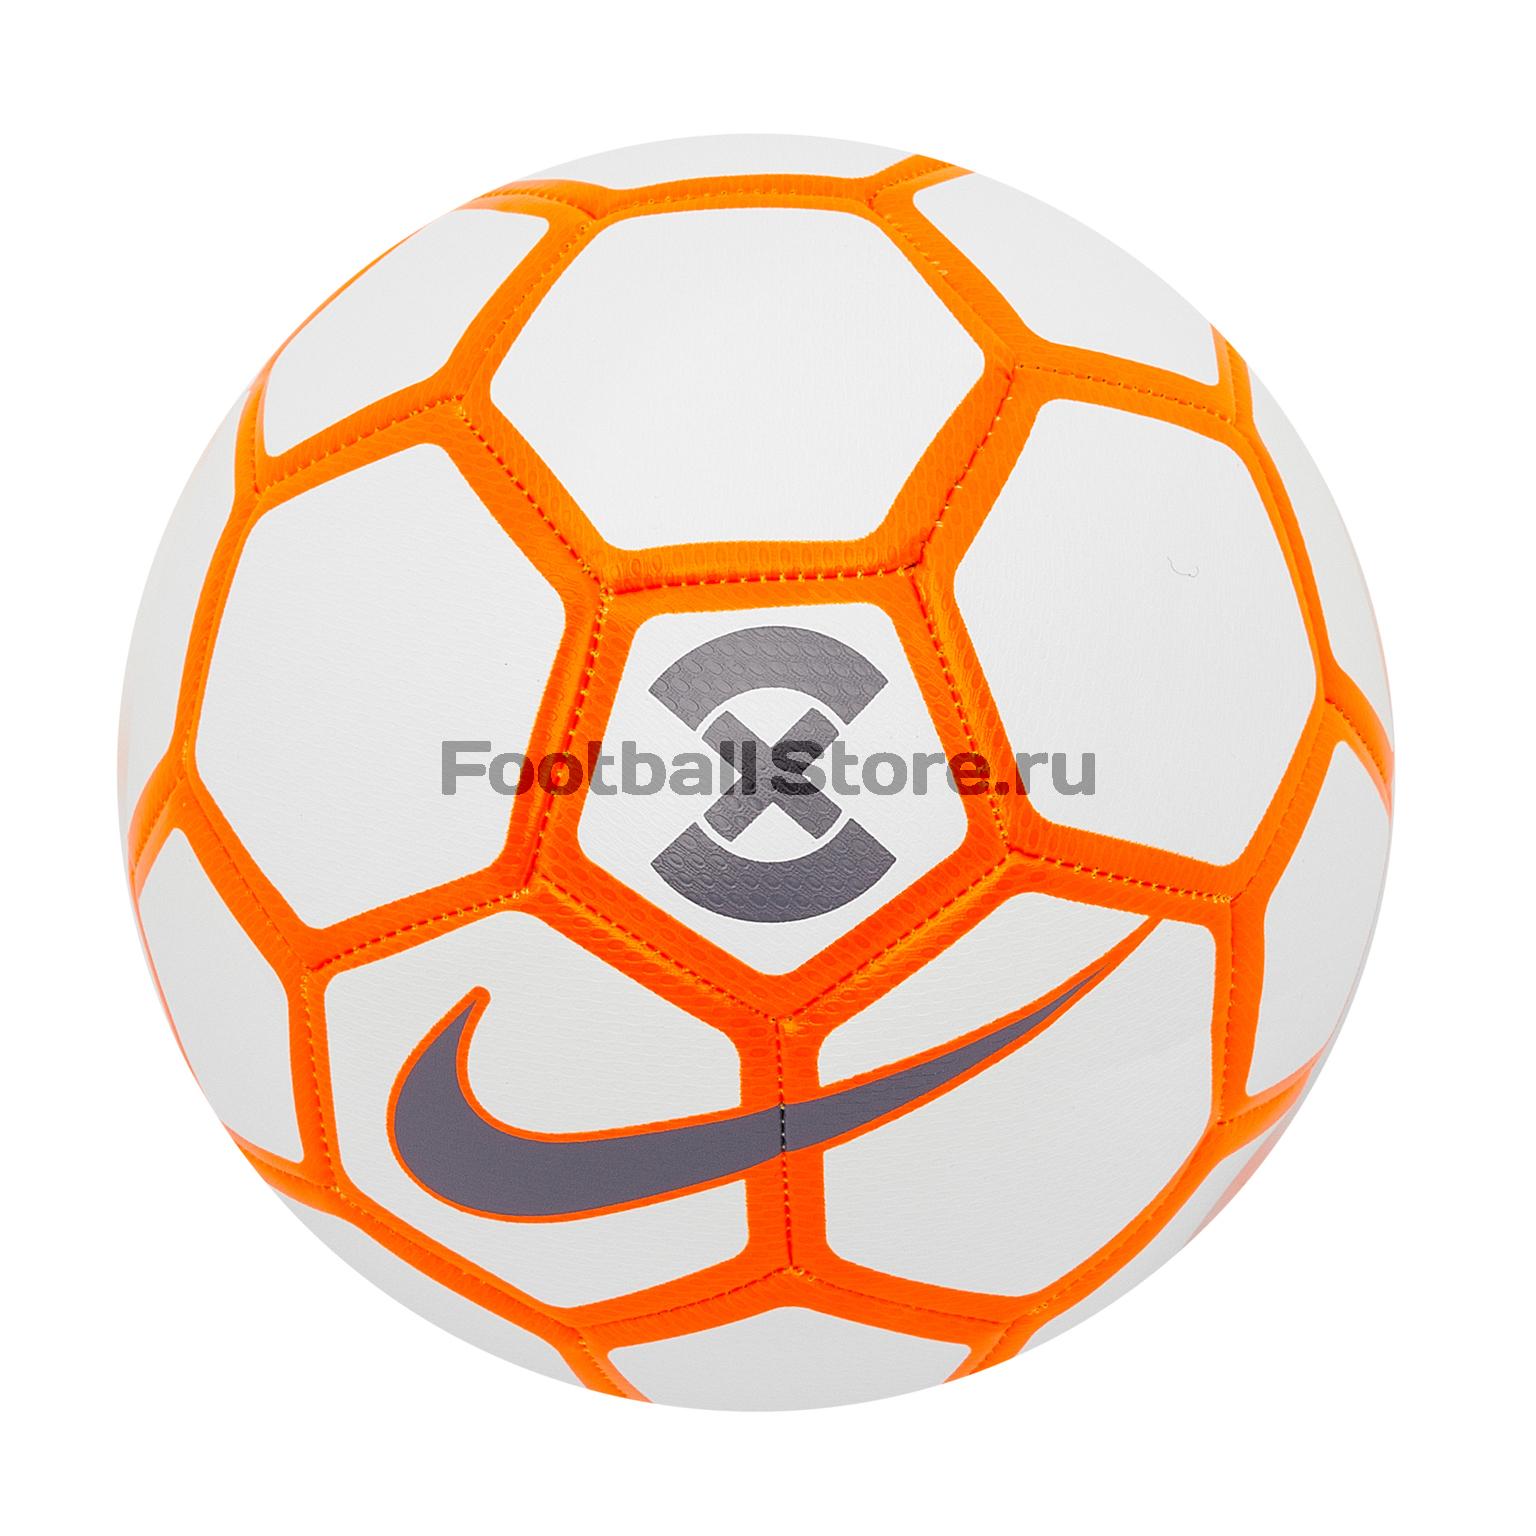 Футбольный мяч Nike Strike X SC3506-100 цены